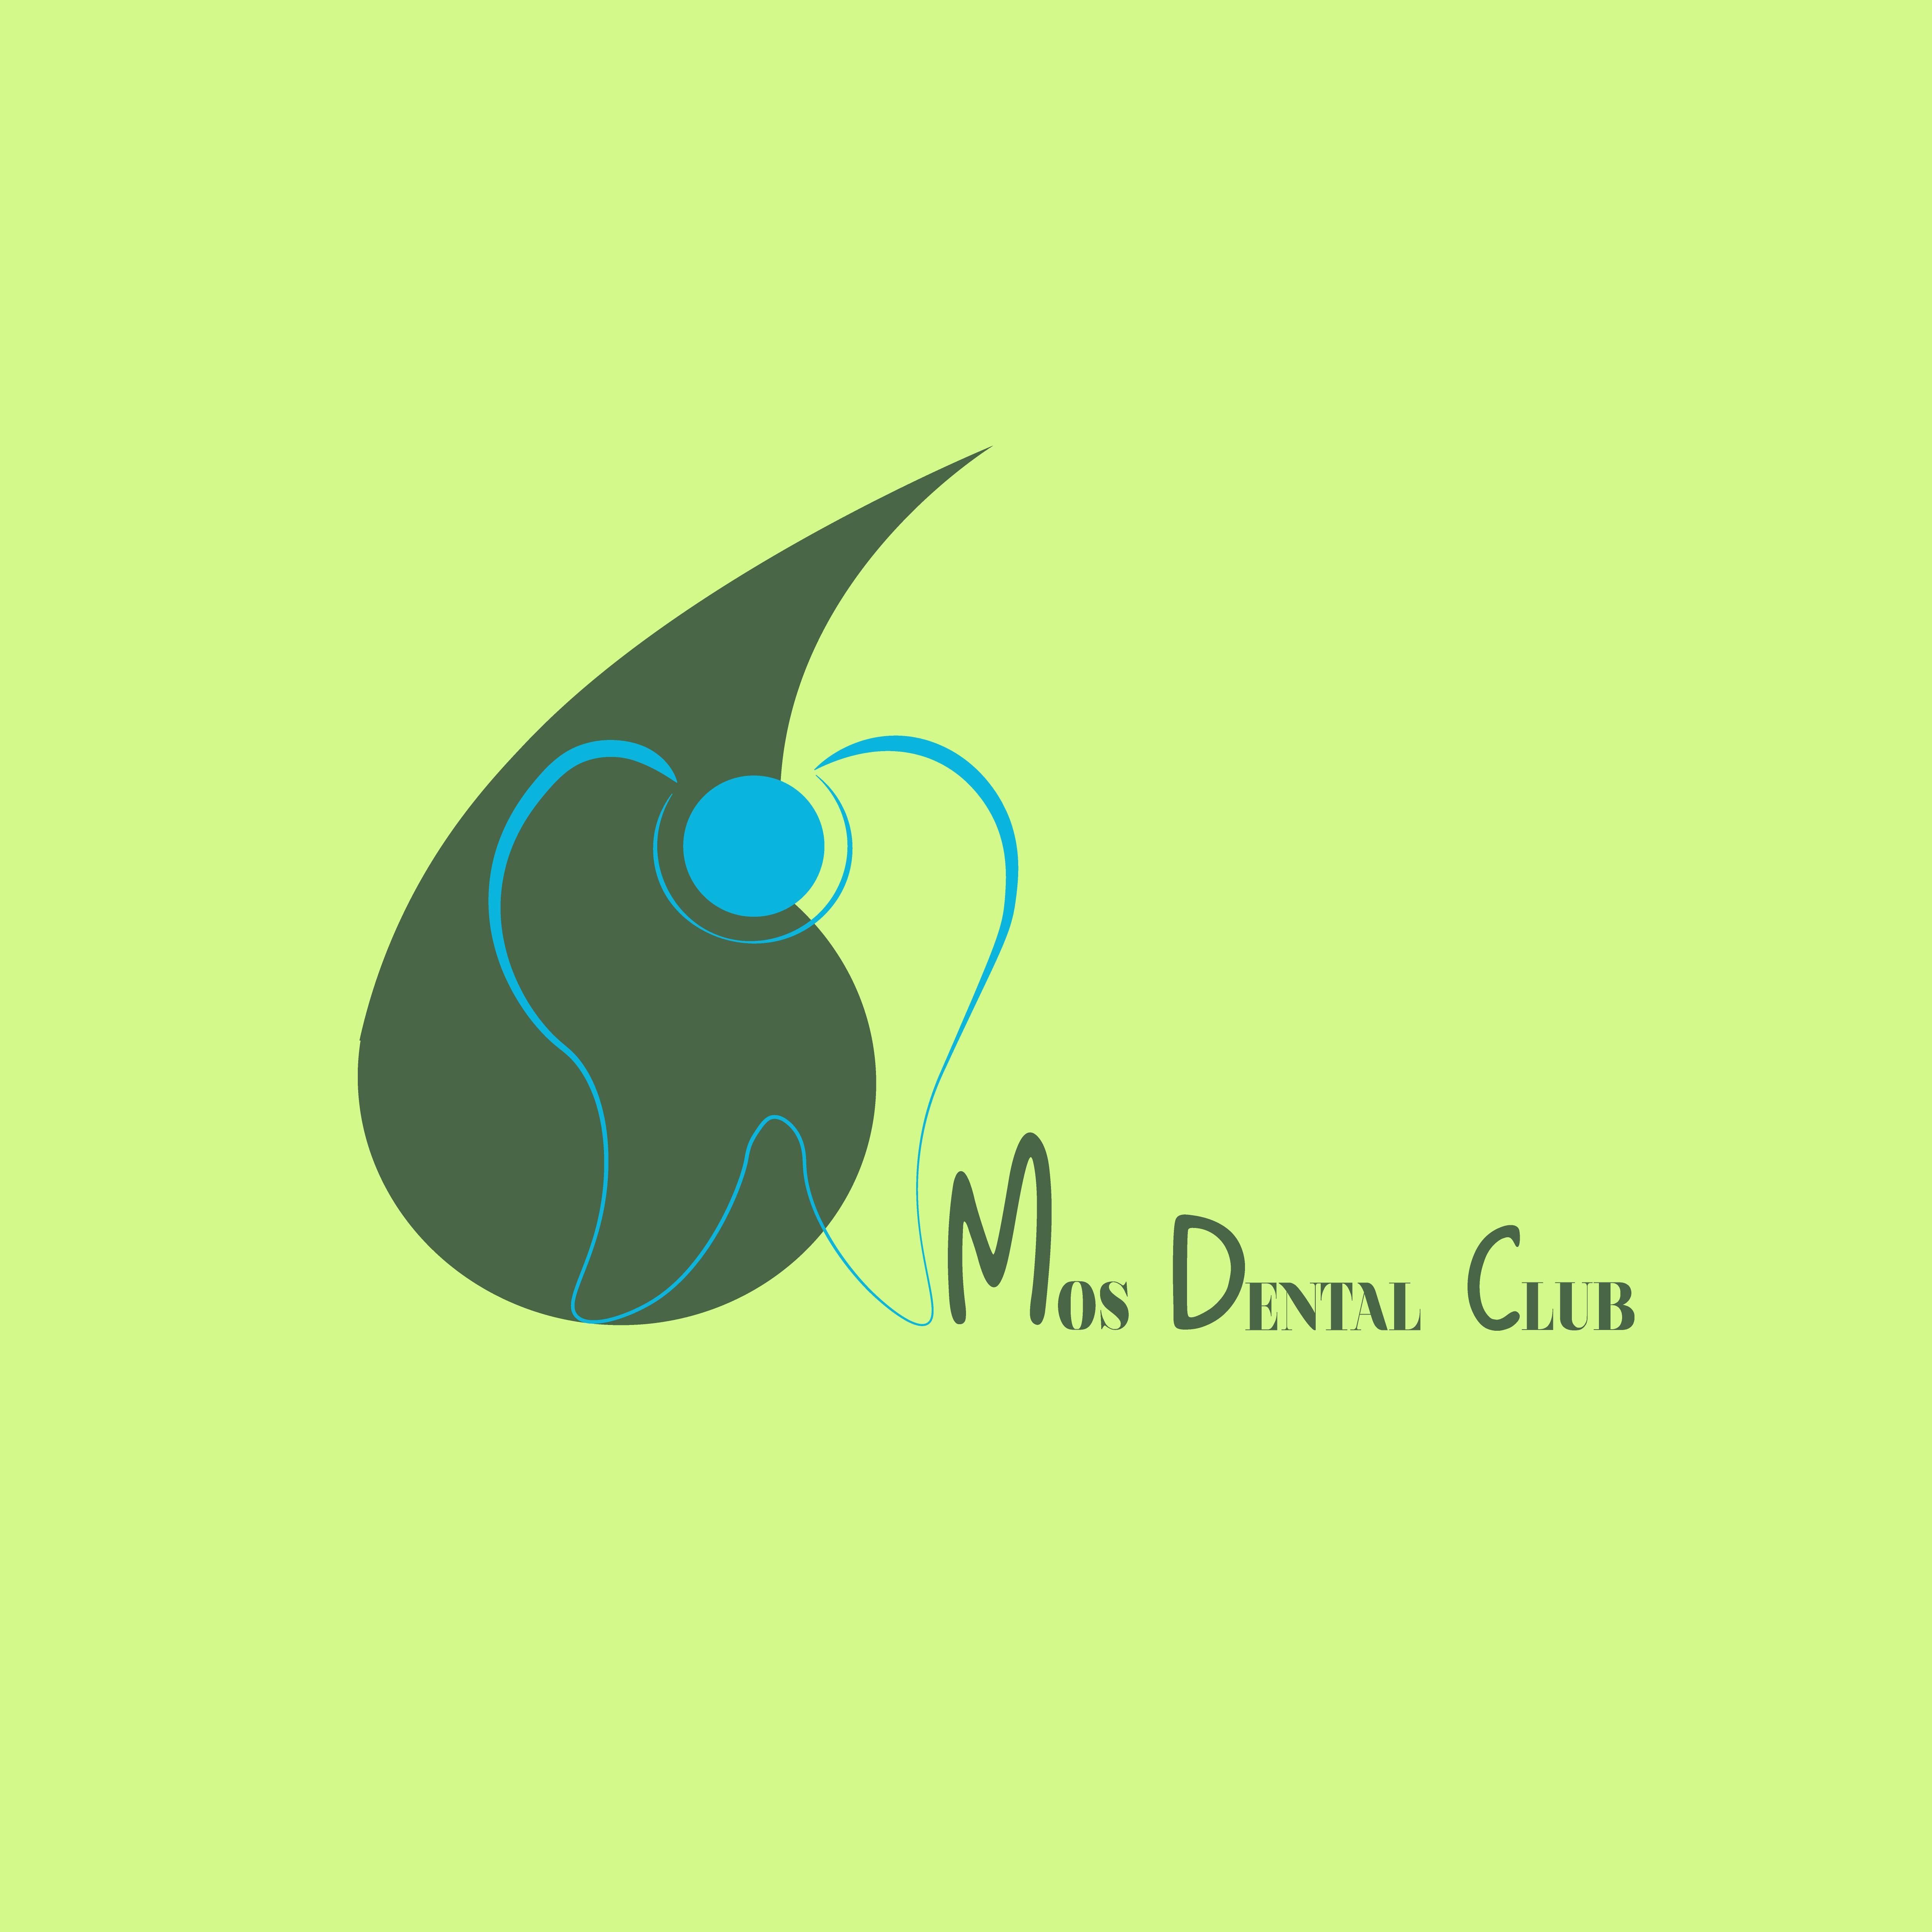 Разработка логотипа стоматологического медицинского центра фото f_9675e465d6ab8a20.jpg